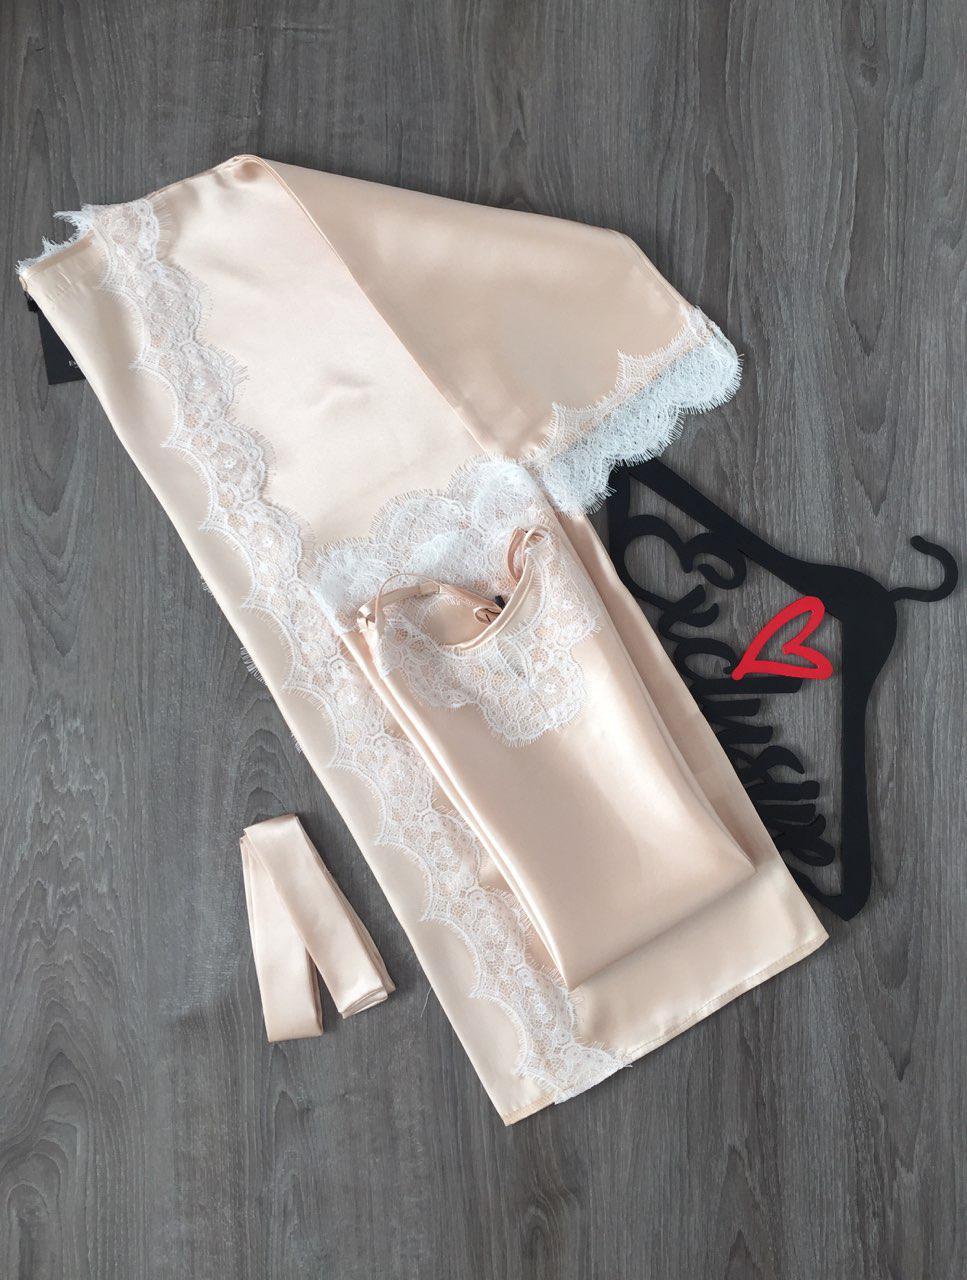 Атласный комплект халат и пеньюар женский с белым кружевом